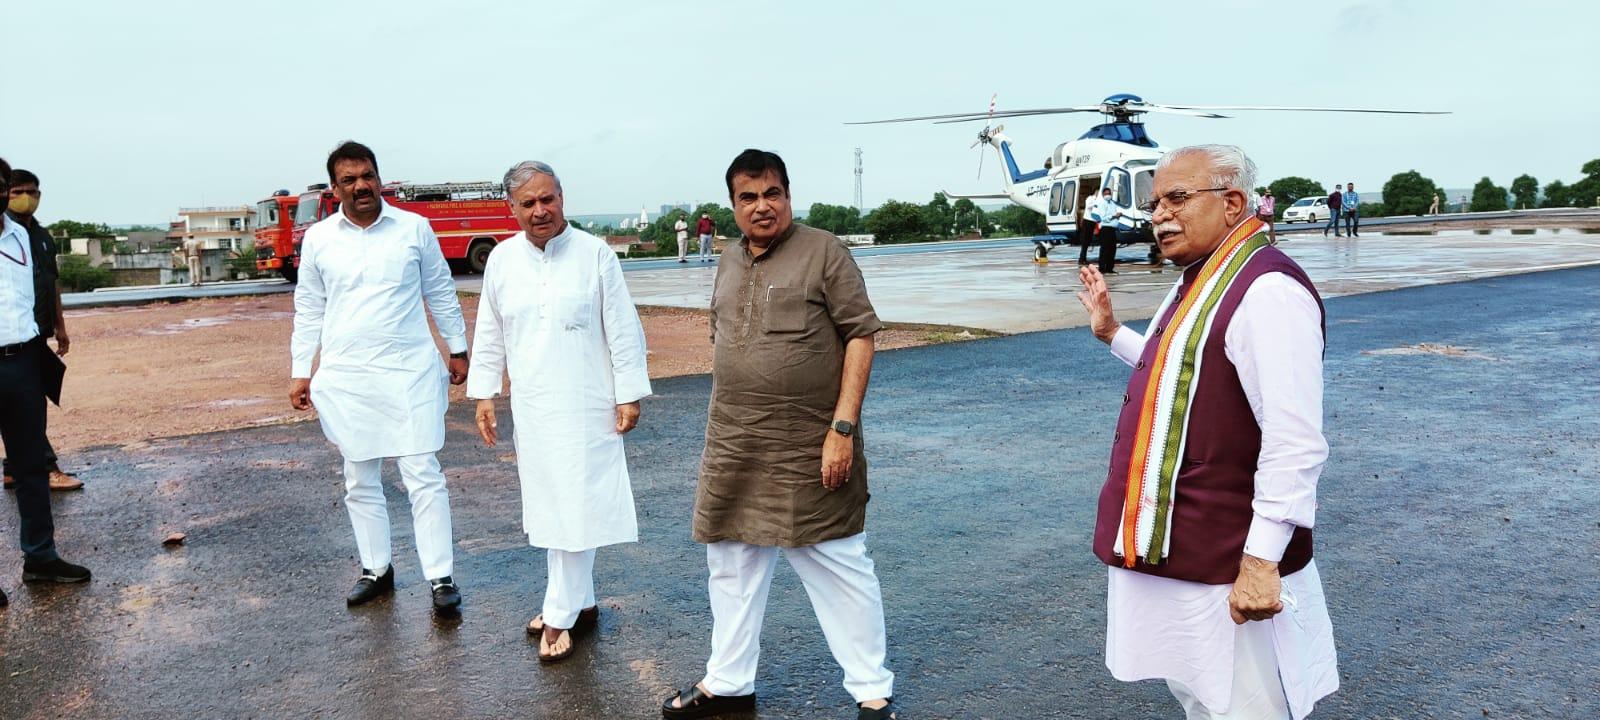 गुरुग्राम में एक्सप्रेस-वे का निरीक्षण करने के दौरान हरियाणा के सीएम मनोहर लाल से बात करते केन्द्रीय मंत्री नितिन गडकरी।